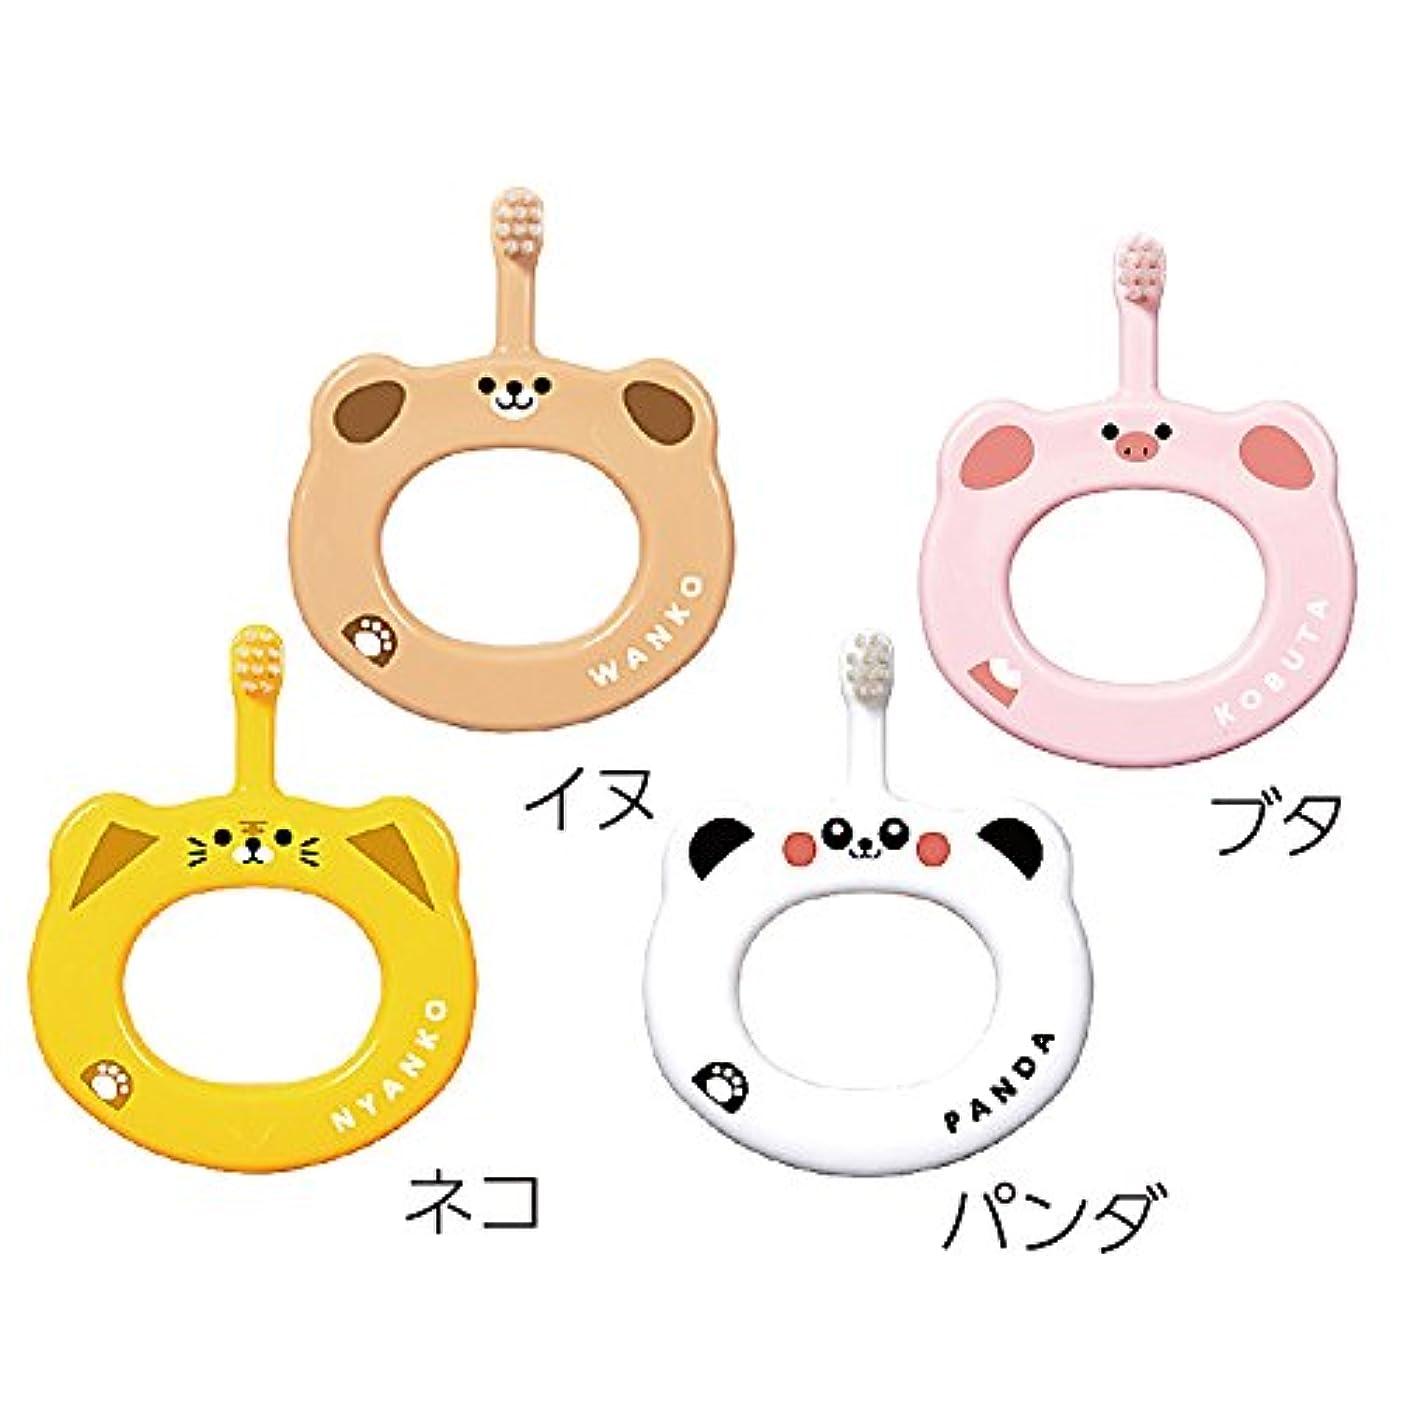 自己尊重ブリーフケースユーモラスCi ベビー 歯ブラシ 動物柄 リング 4本セット (ブタ、パンダ、ネコ、イヌ)